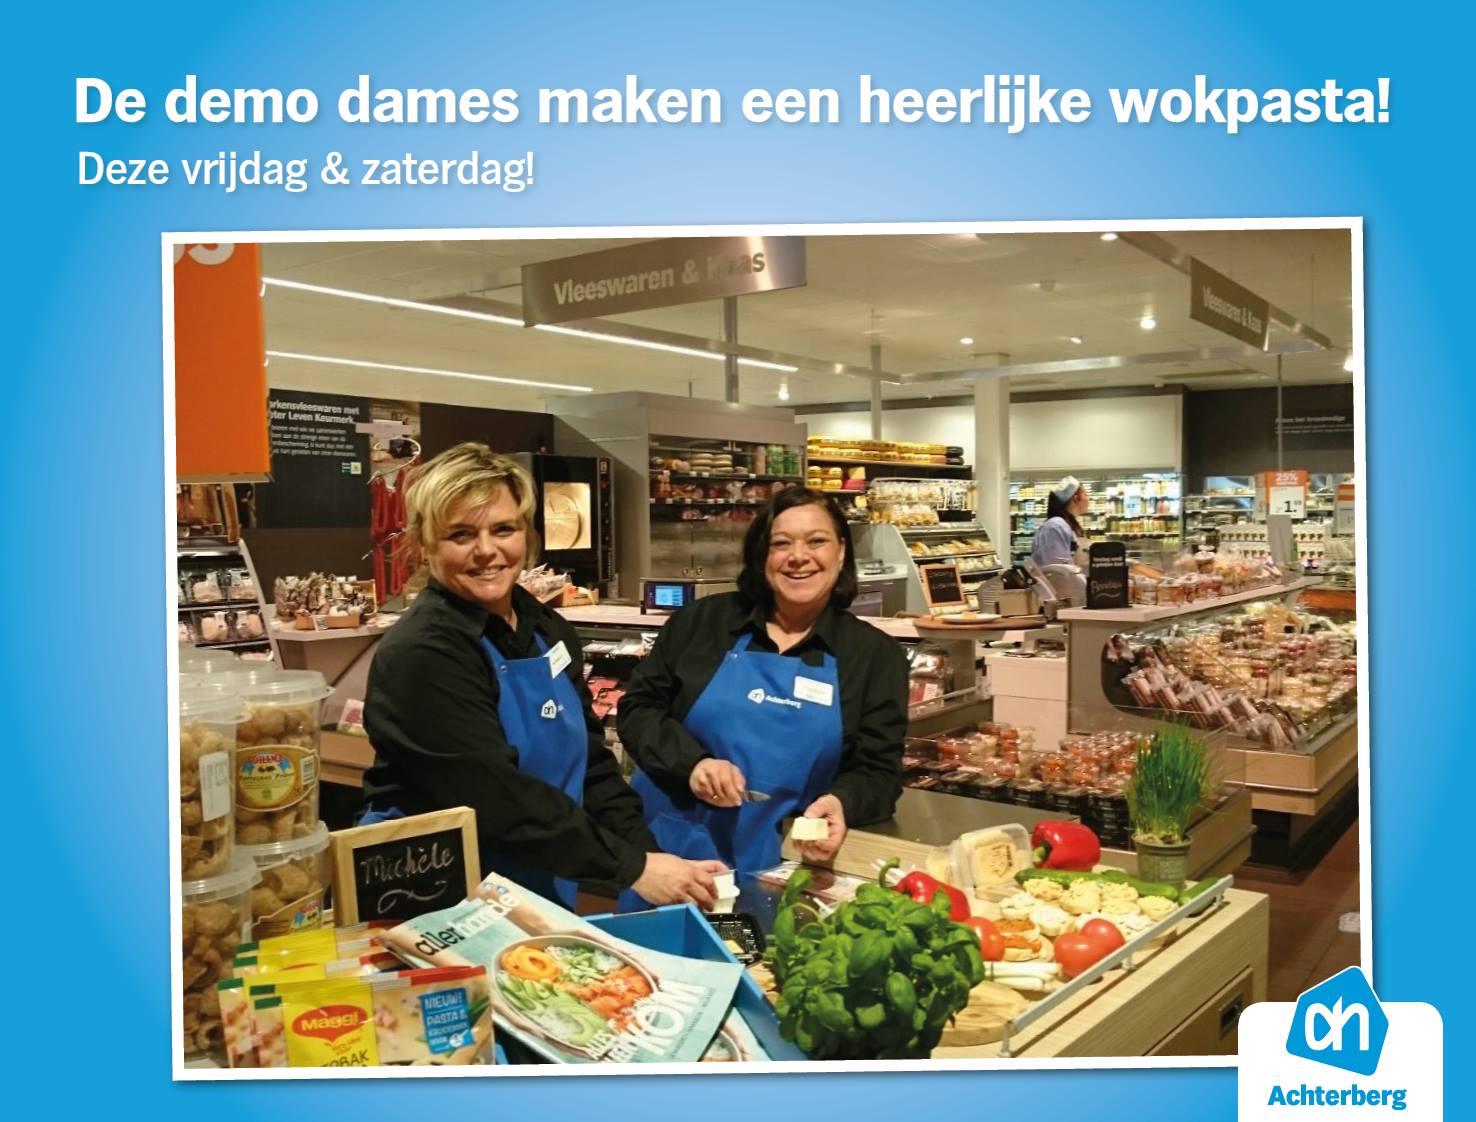 De demo dames maken een heerlijke wokpasta!